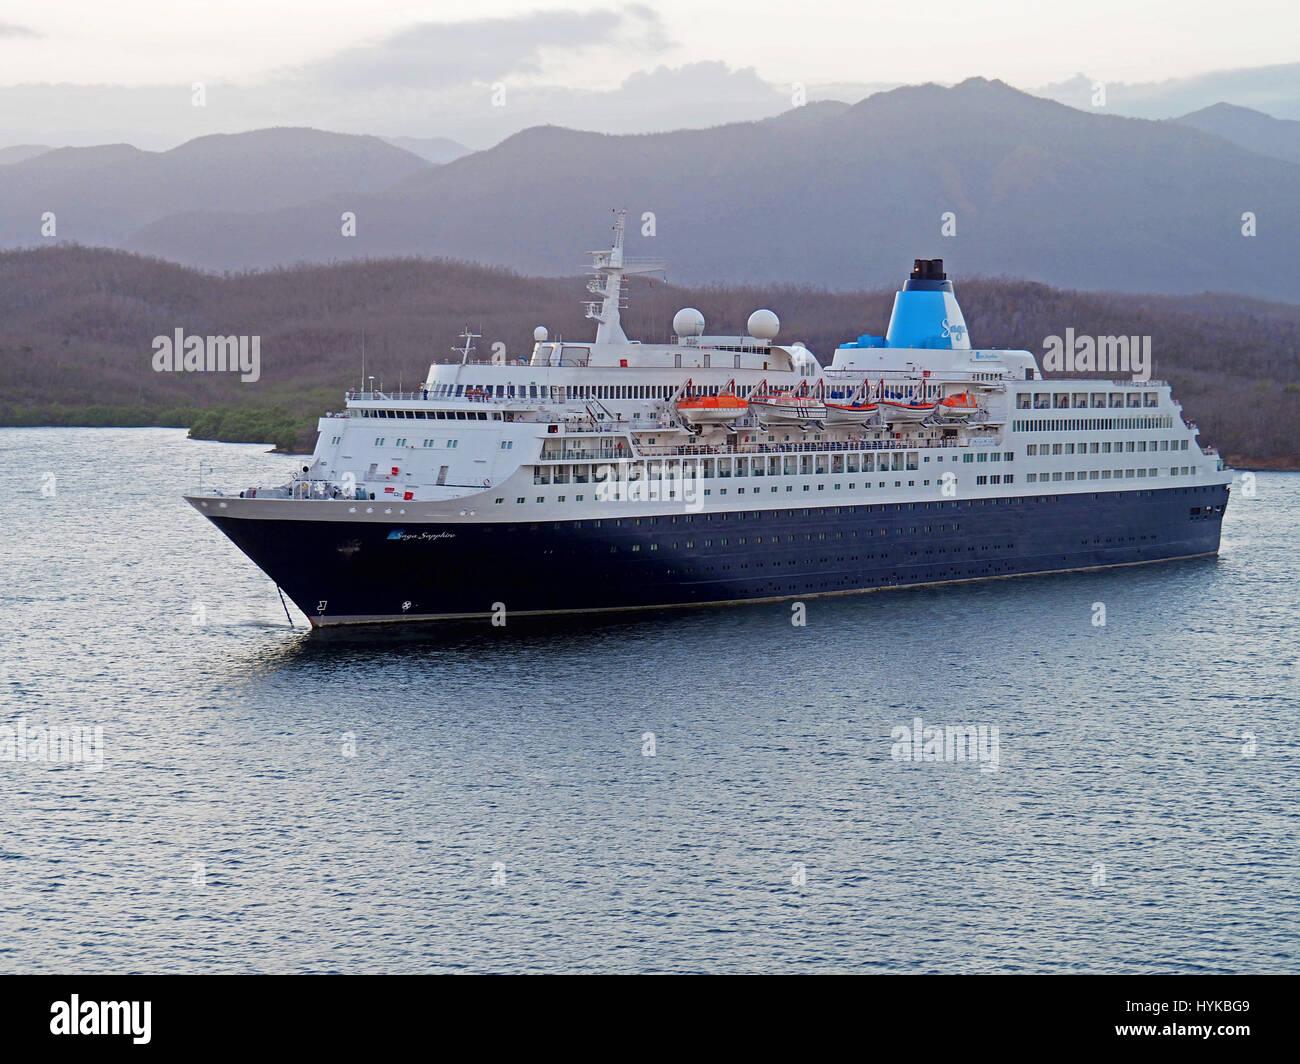 Saga Sapphire cruise ship in harbor of Santaigo de Cuba. - Stock Image